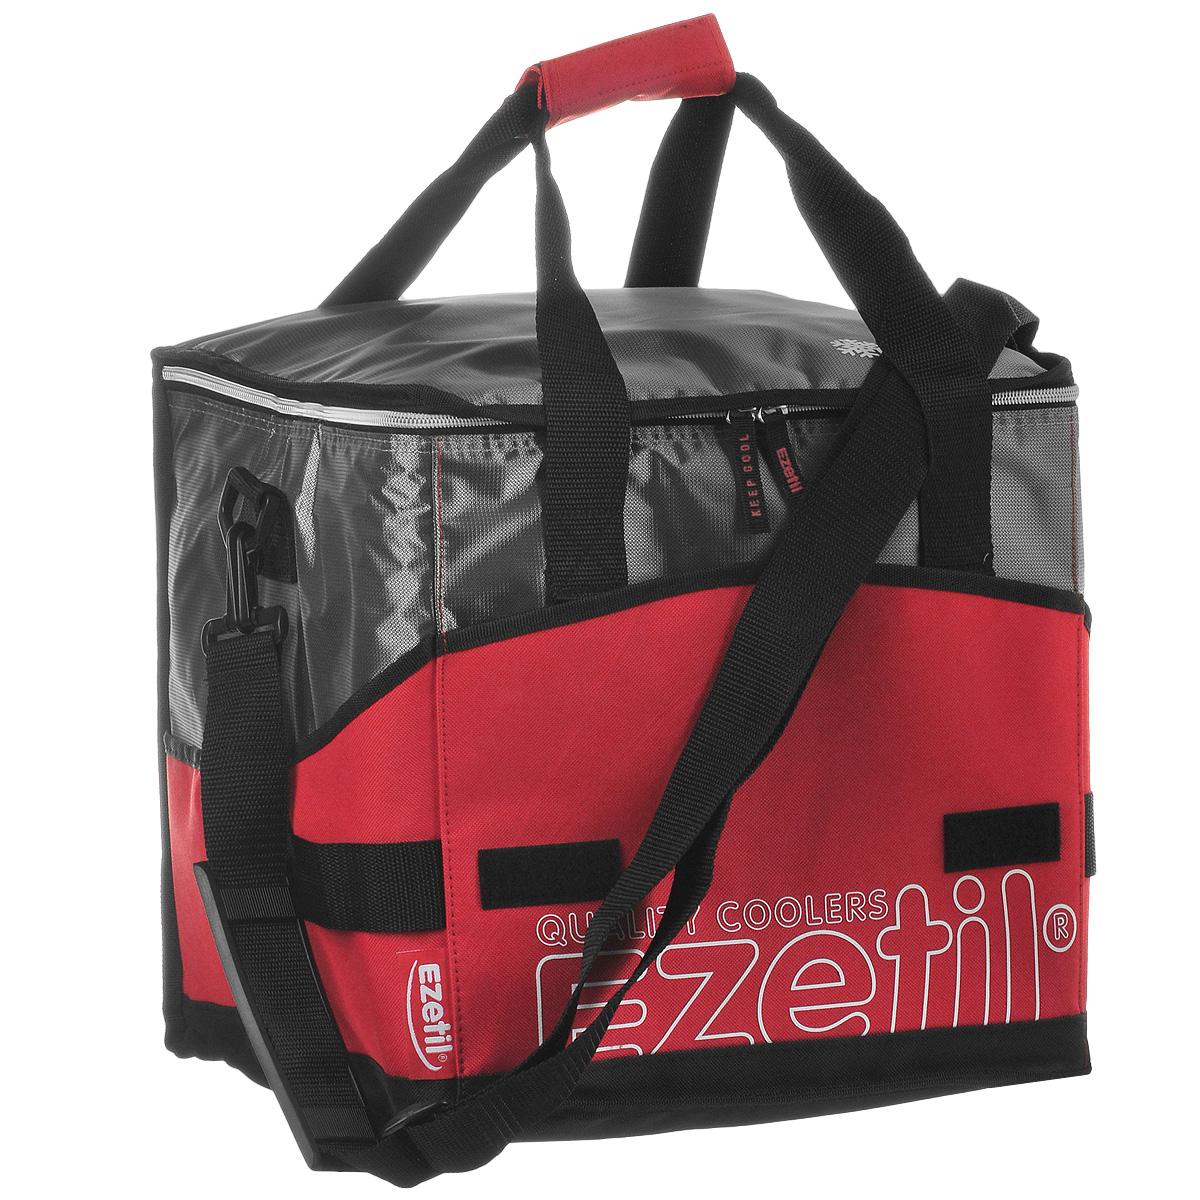 Сумка-холодильник Ezetil KC Extreme, цвет: красный, 28 л ezetil kc extreme 16